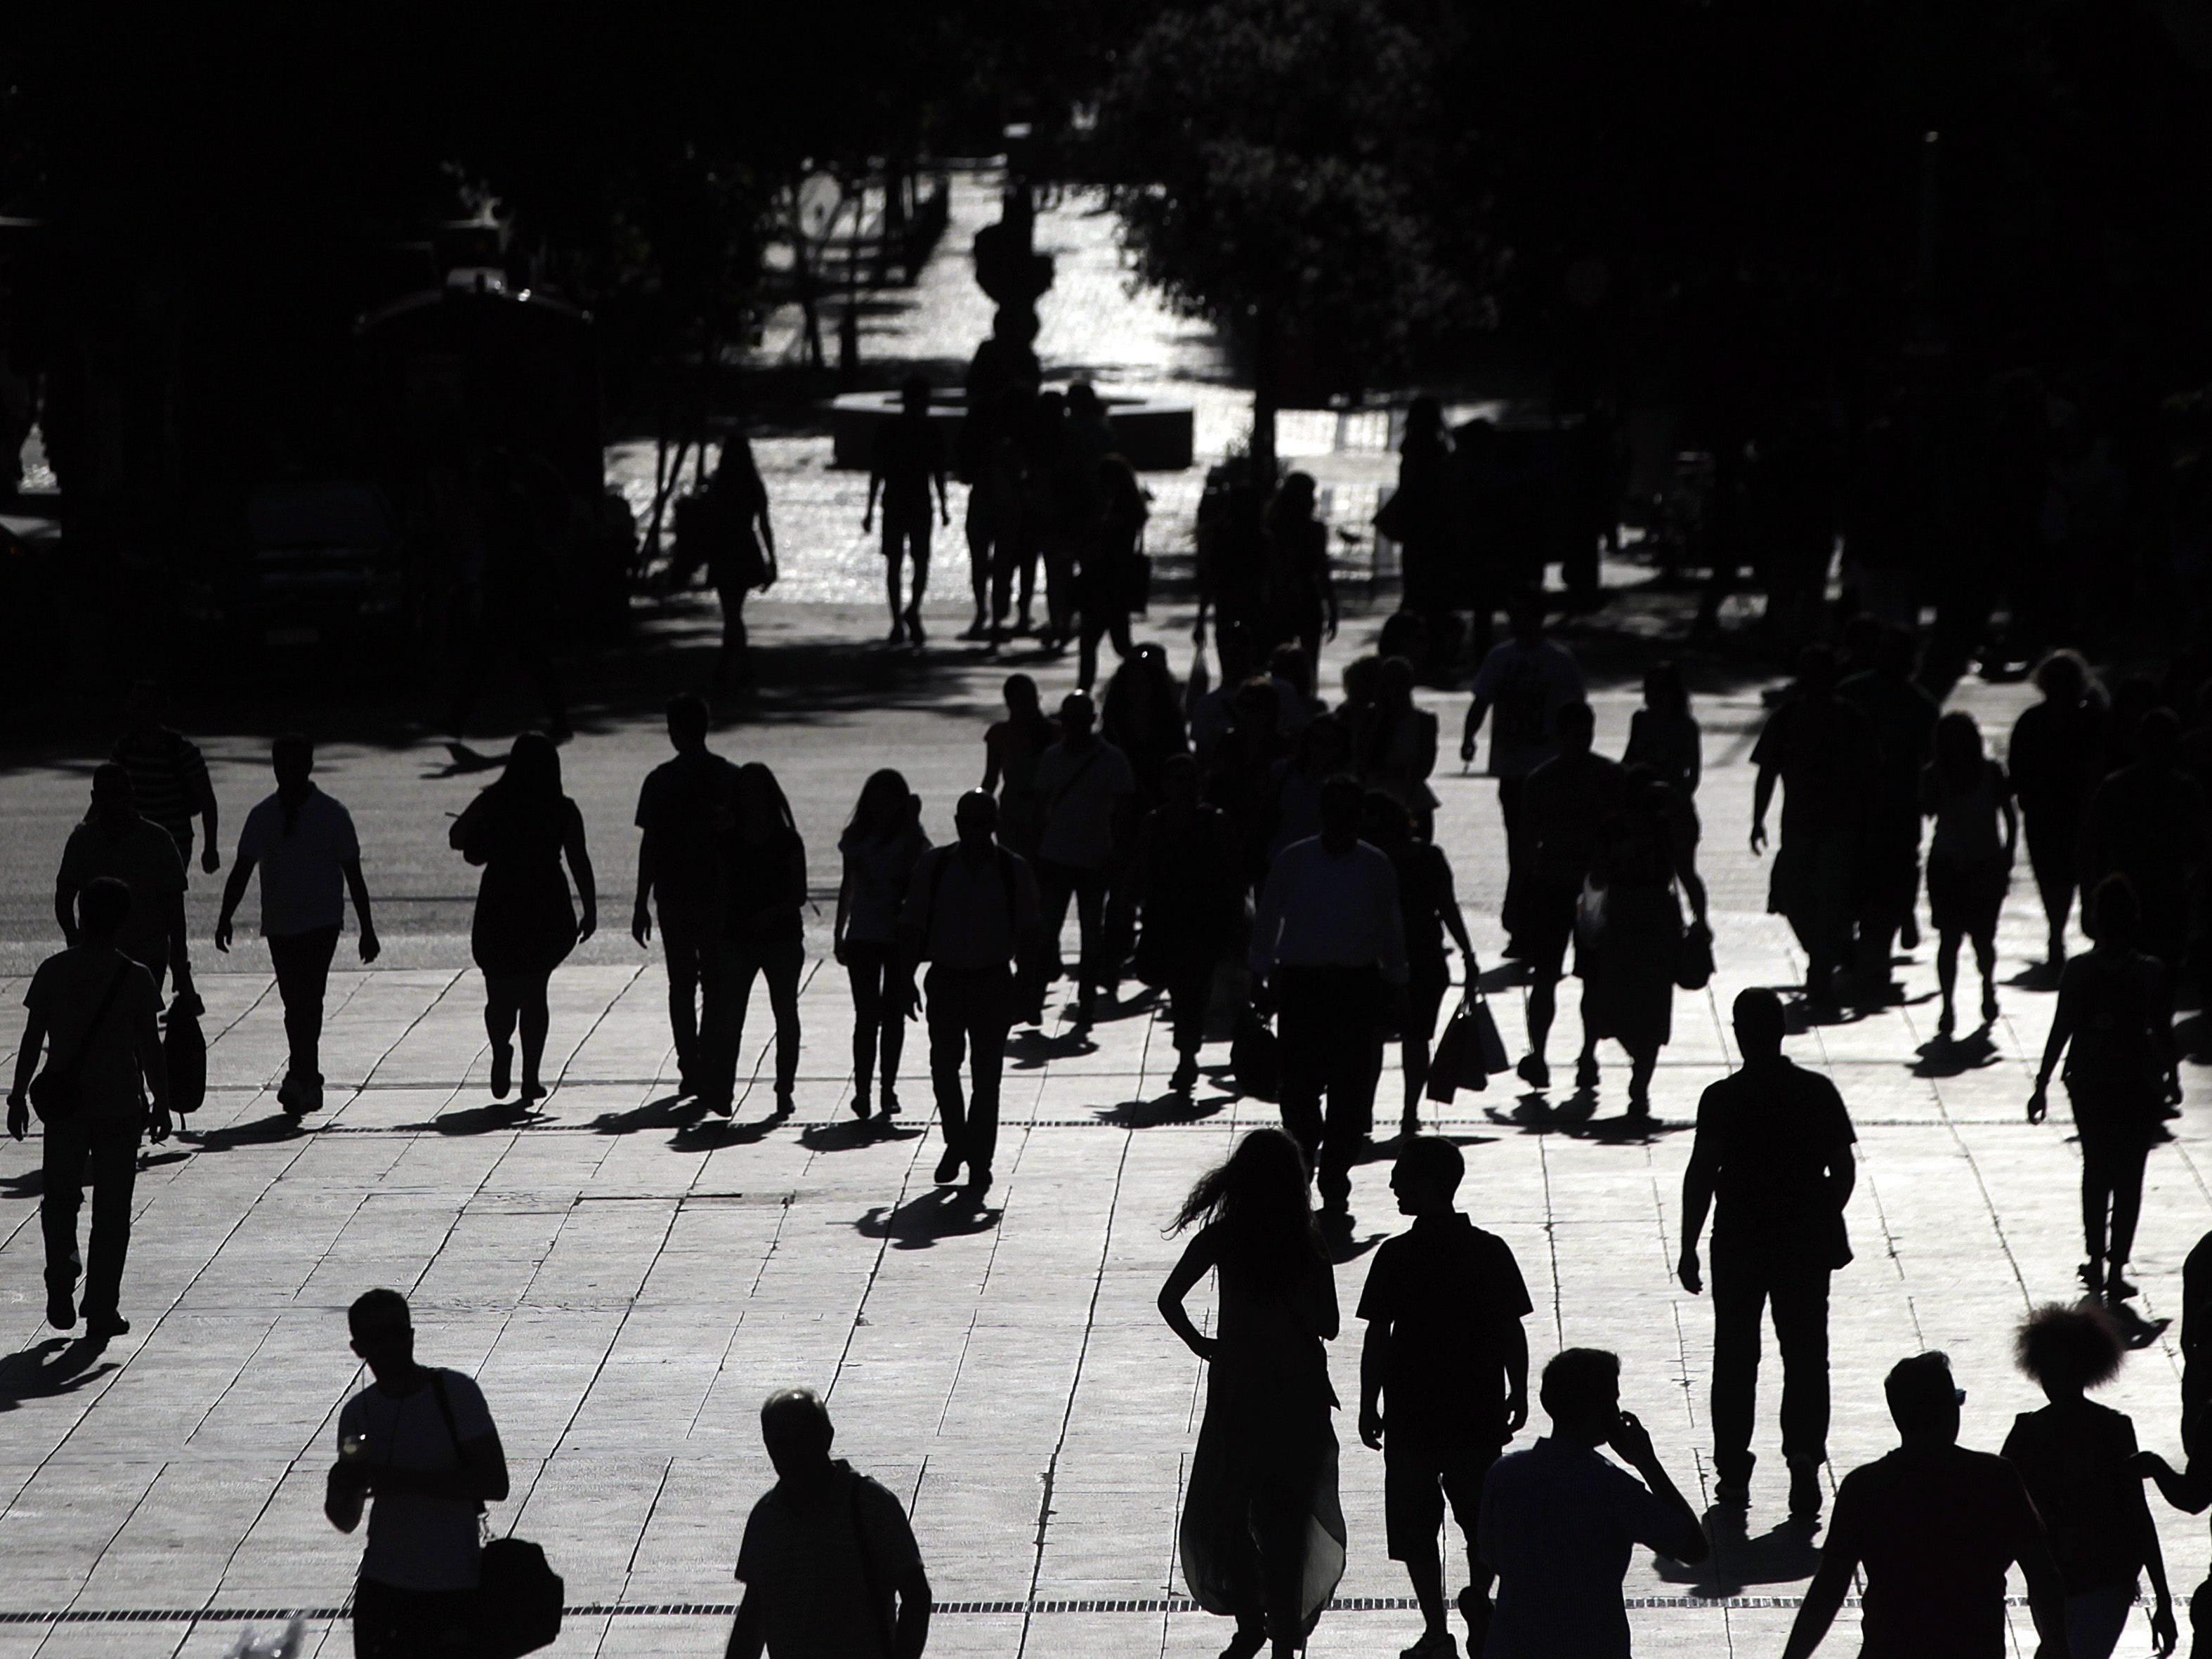 """Viele Griechen erwägen offenbar aus Angst vor einem """"Grexit"""" auszuwandern."""